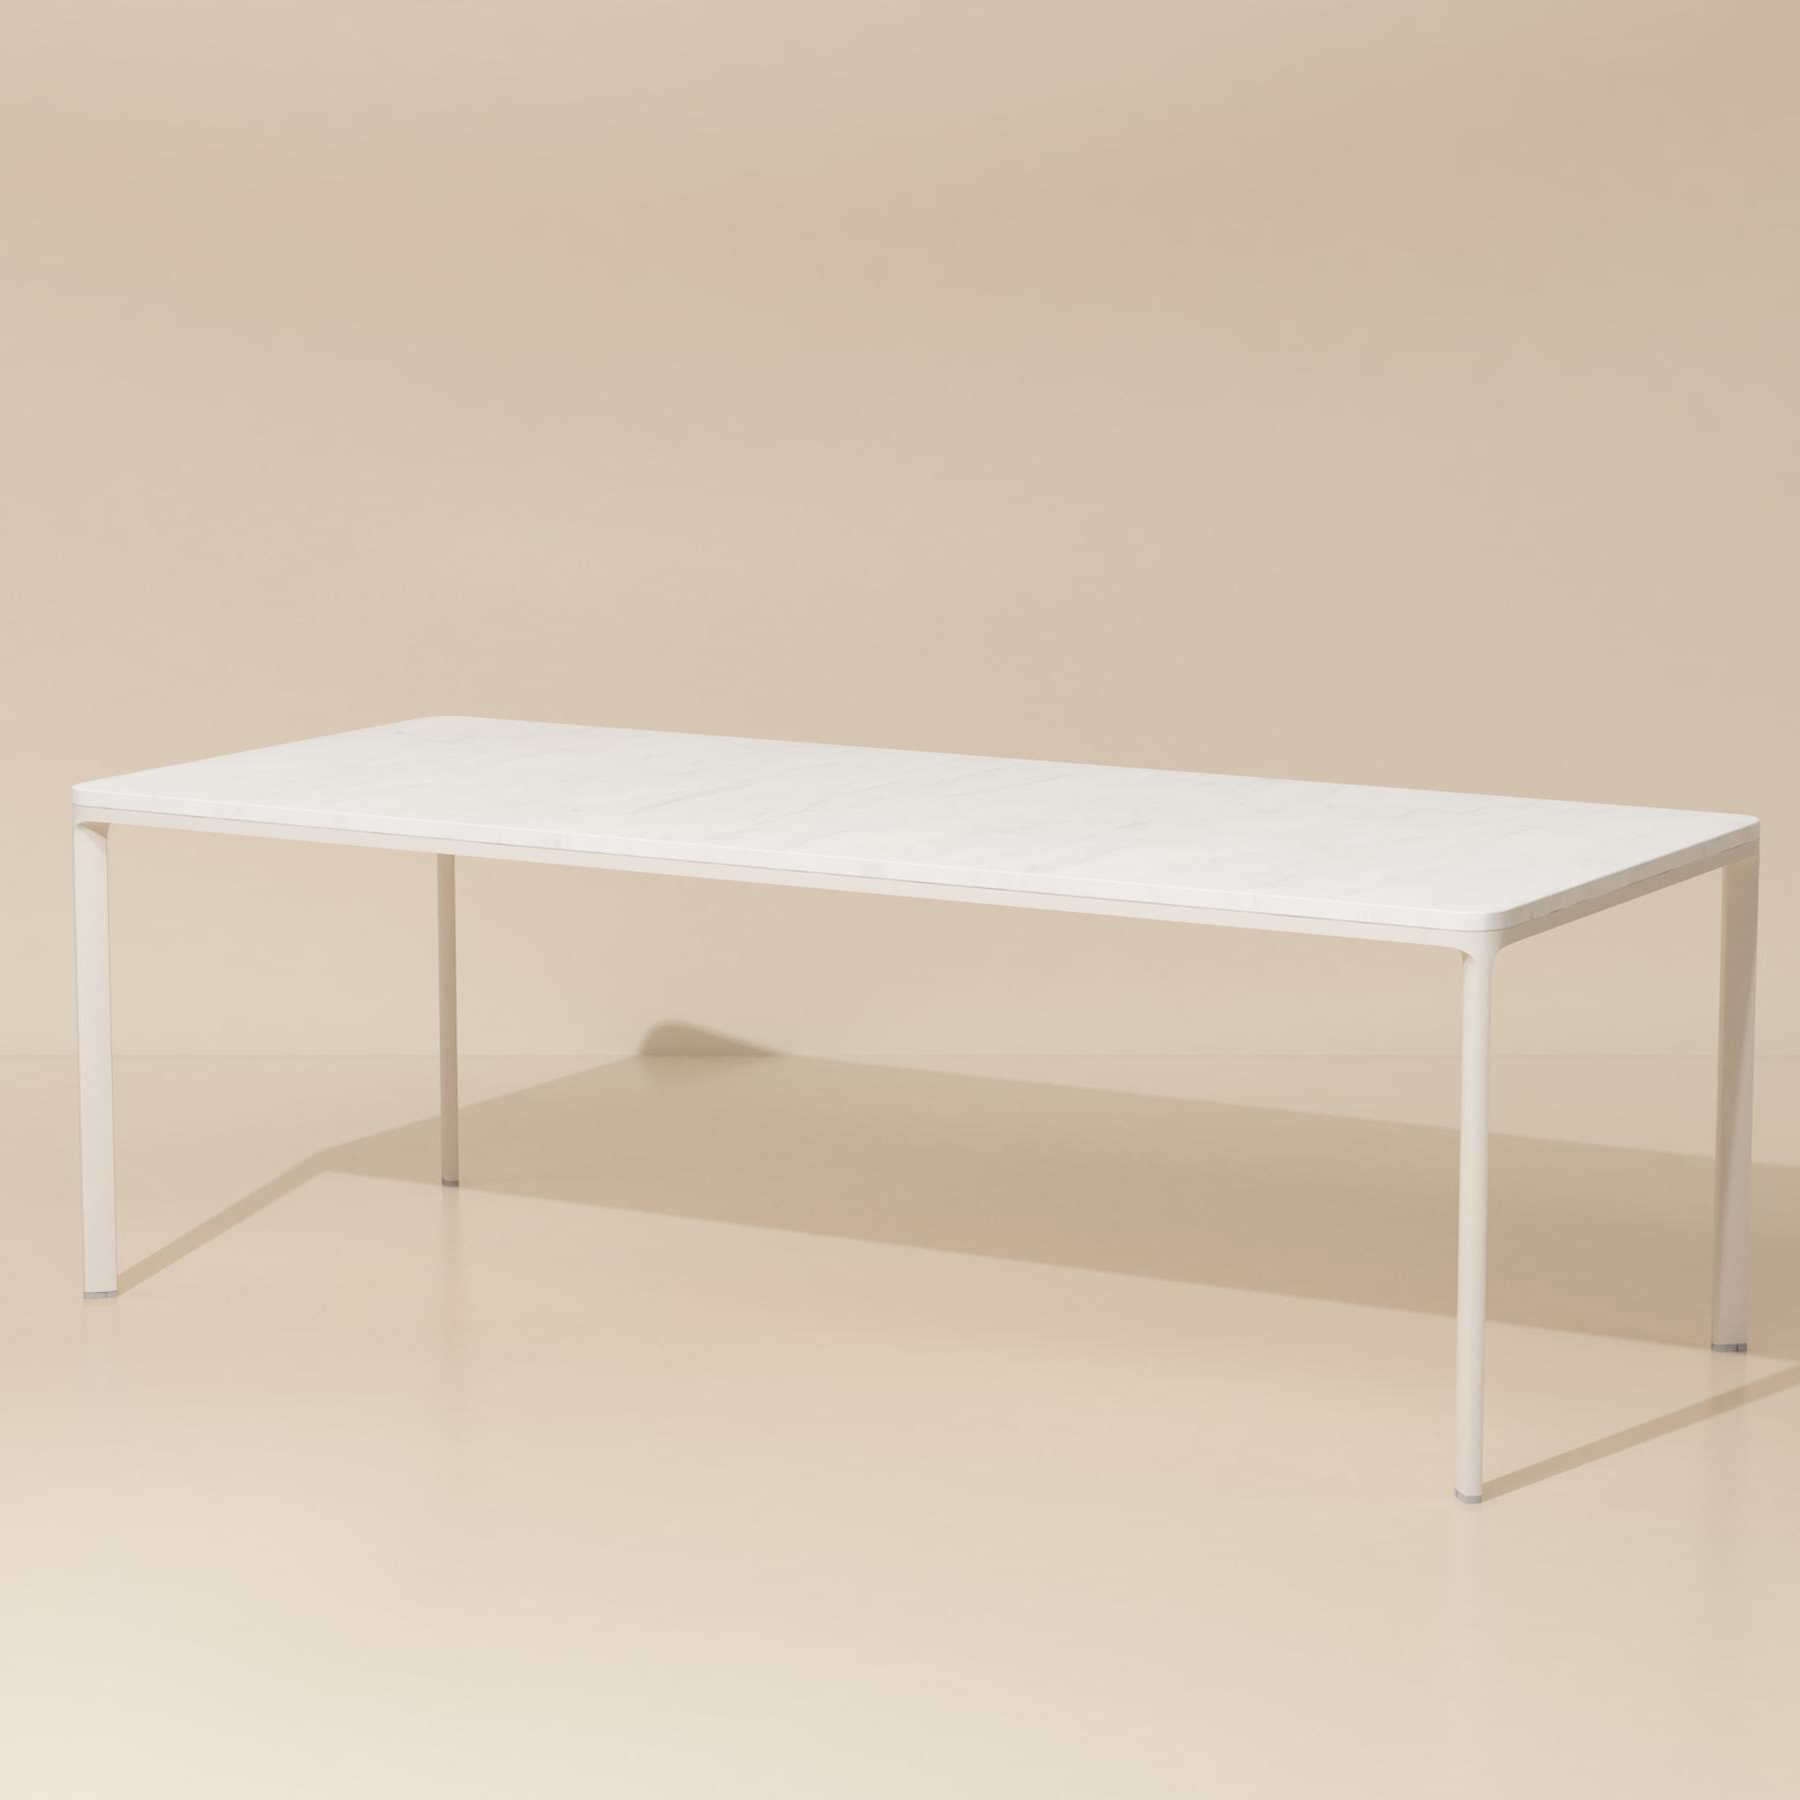 Dining table 220x94.jpg